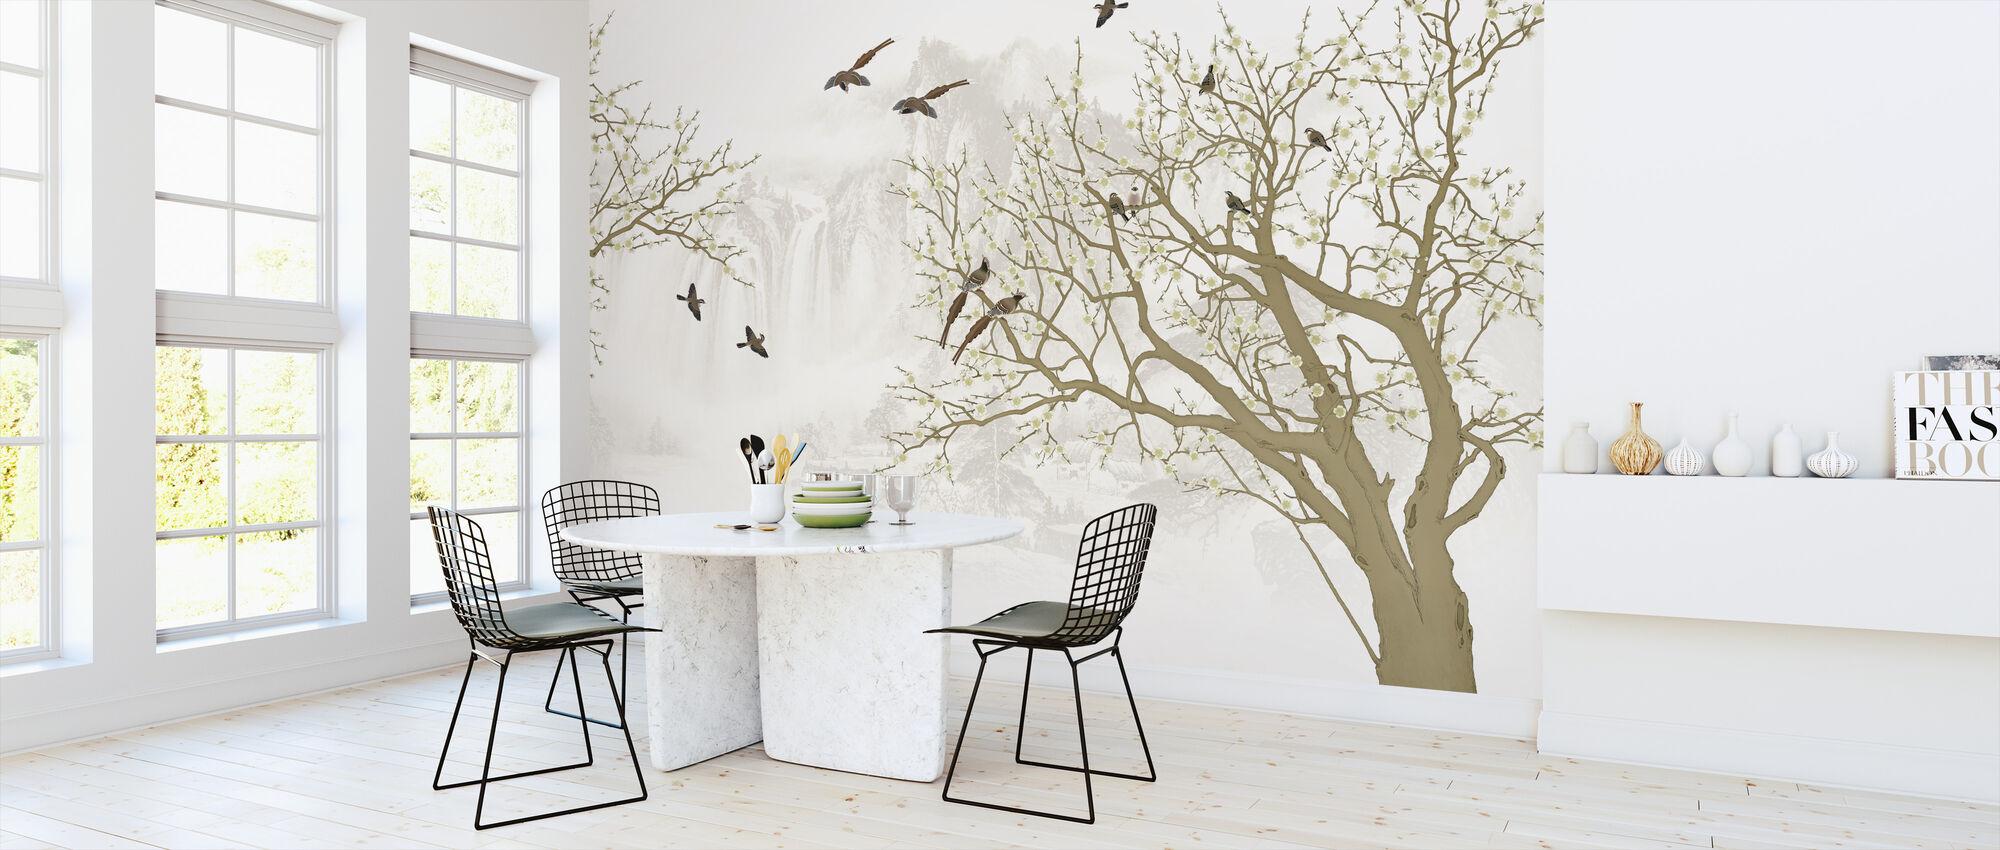 Birds Home - Wallpaper - Kitchen